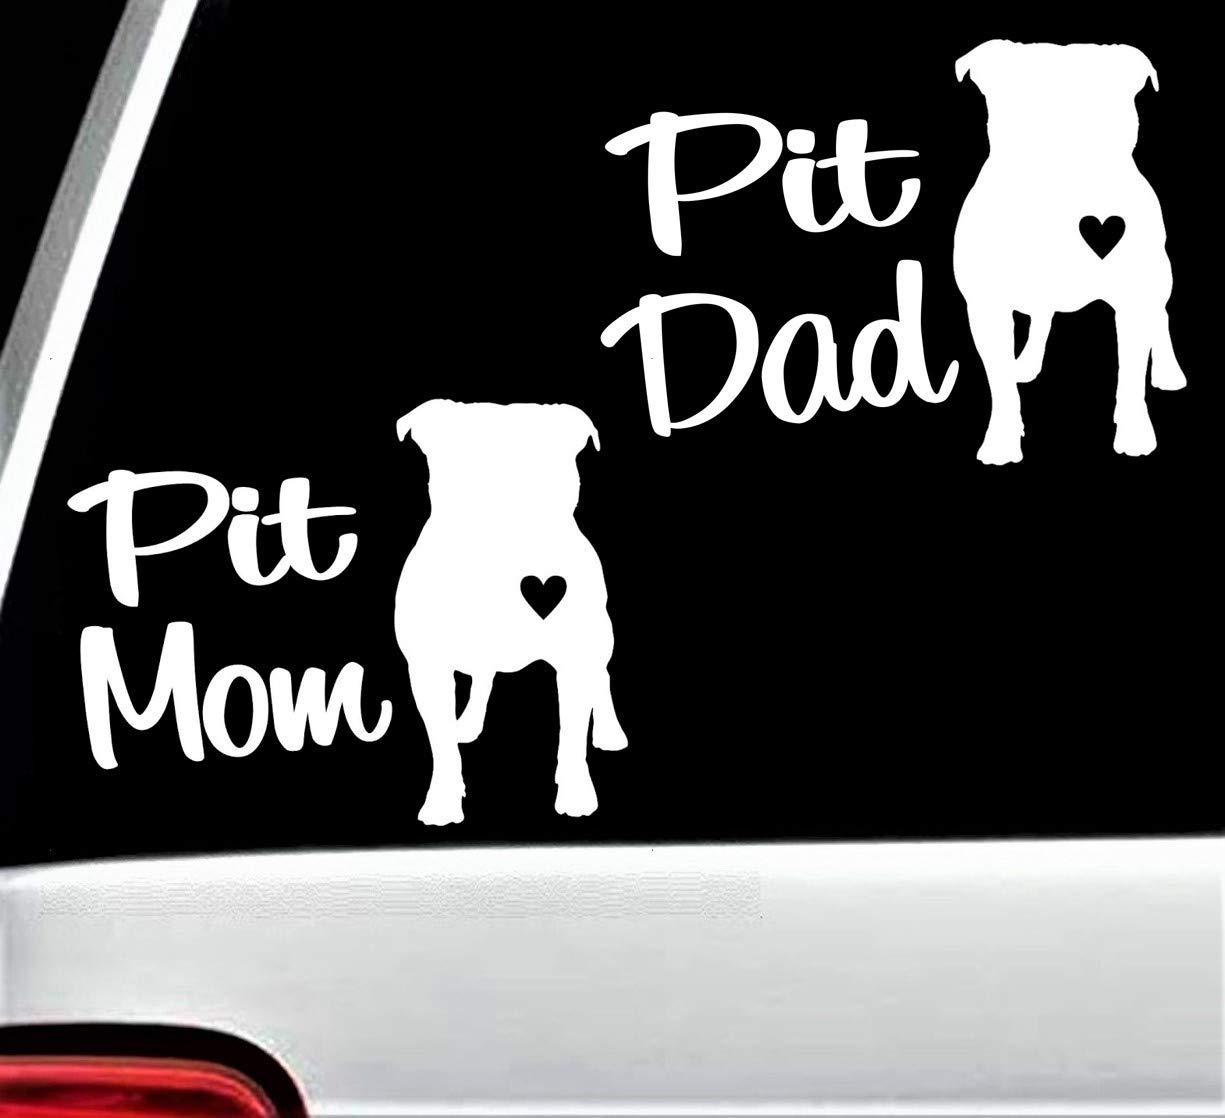 Pit Bull Mom Decal Car Window Dog Breed Puppy